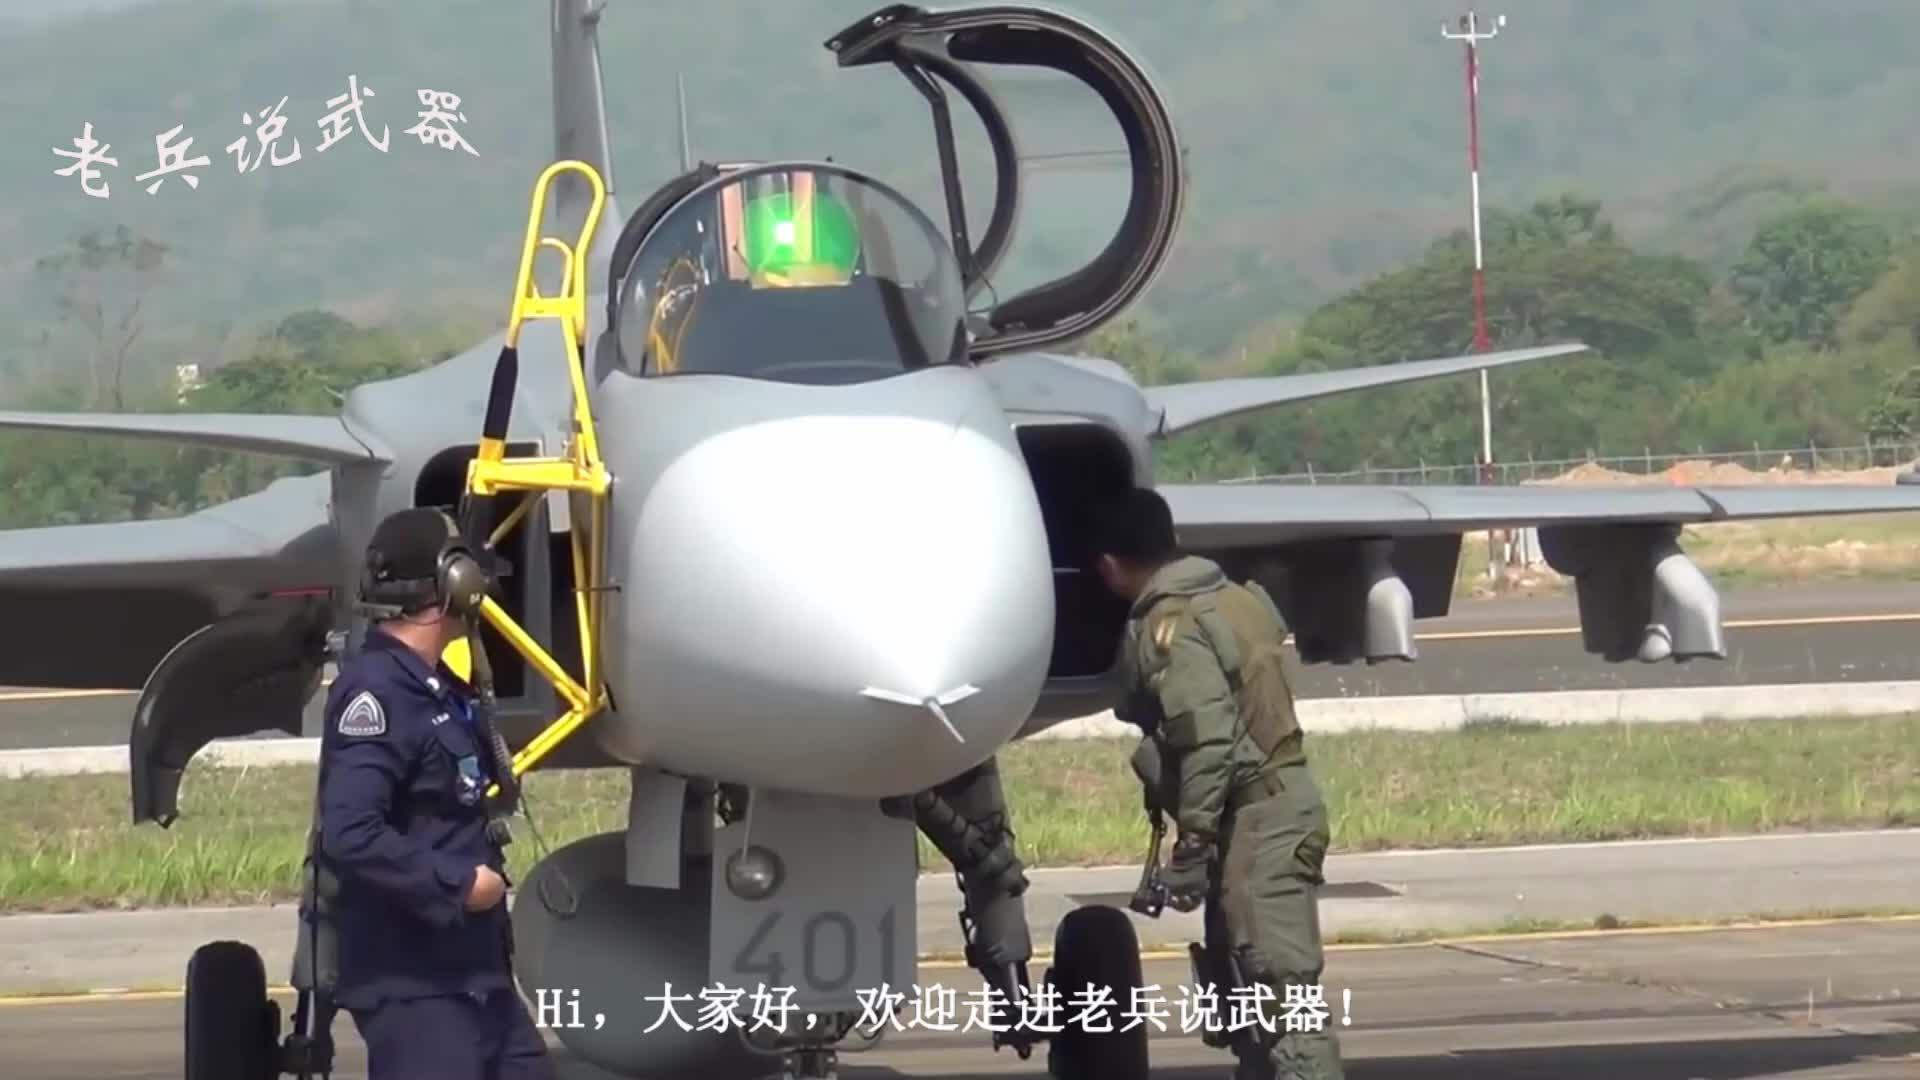 中国歼-10C和歼轰-7A,同样外挂7吨弹药,他们侧重点却是不一样